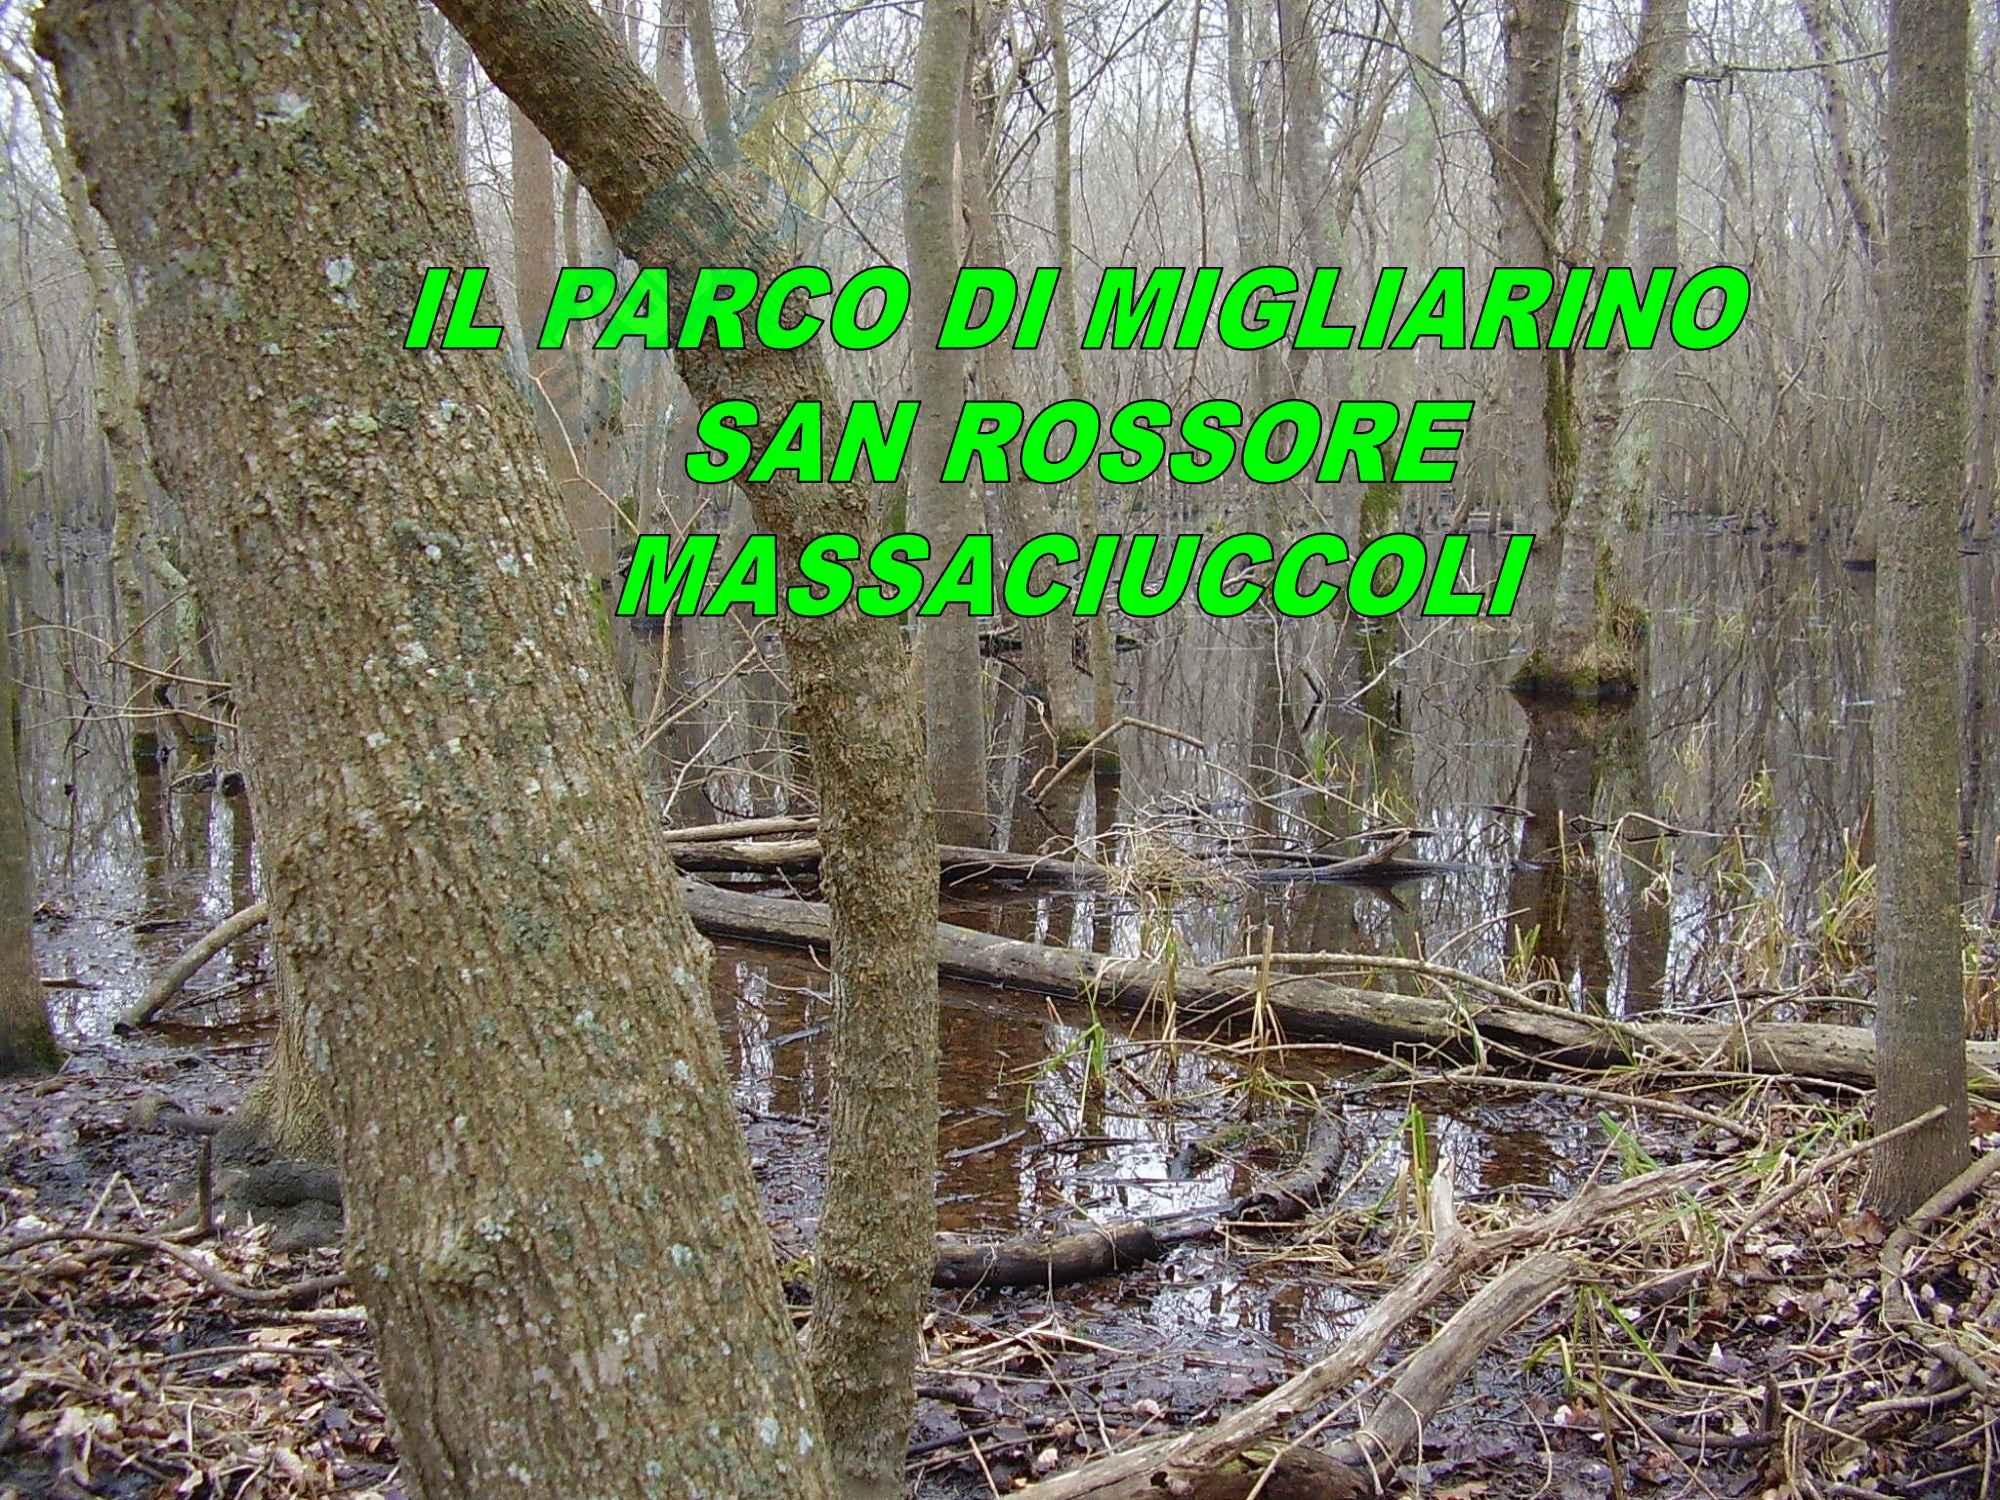 Ecologia - flora e fauna del Parco di San Rossore